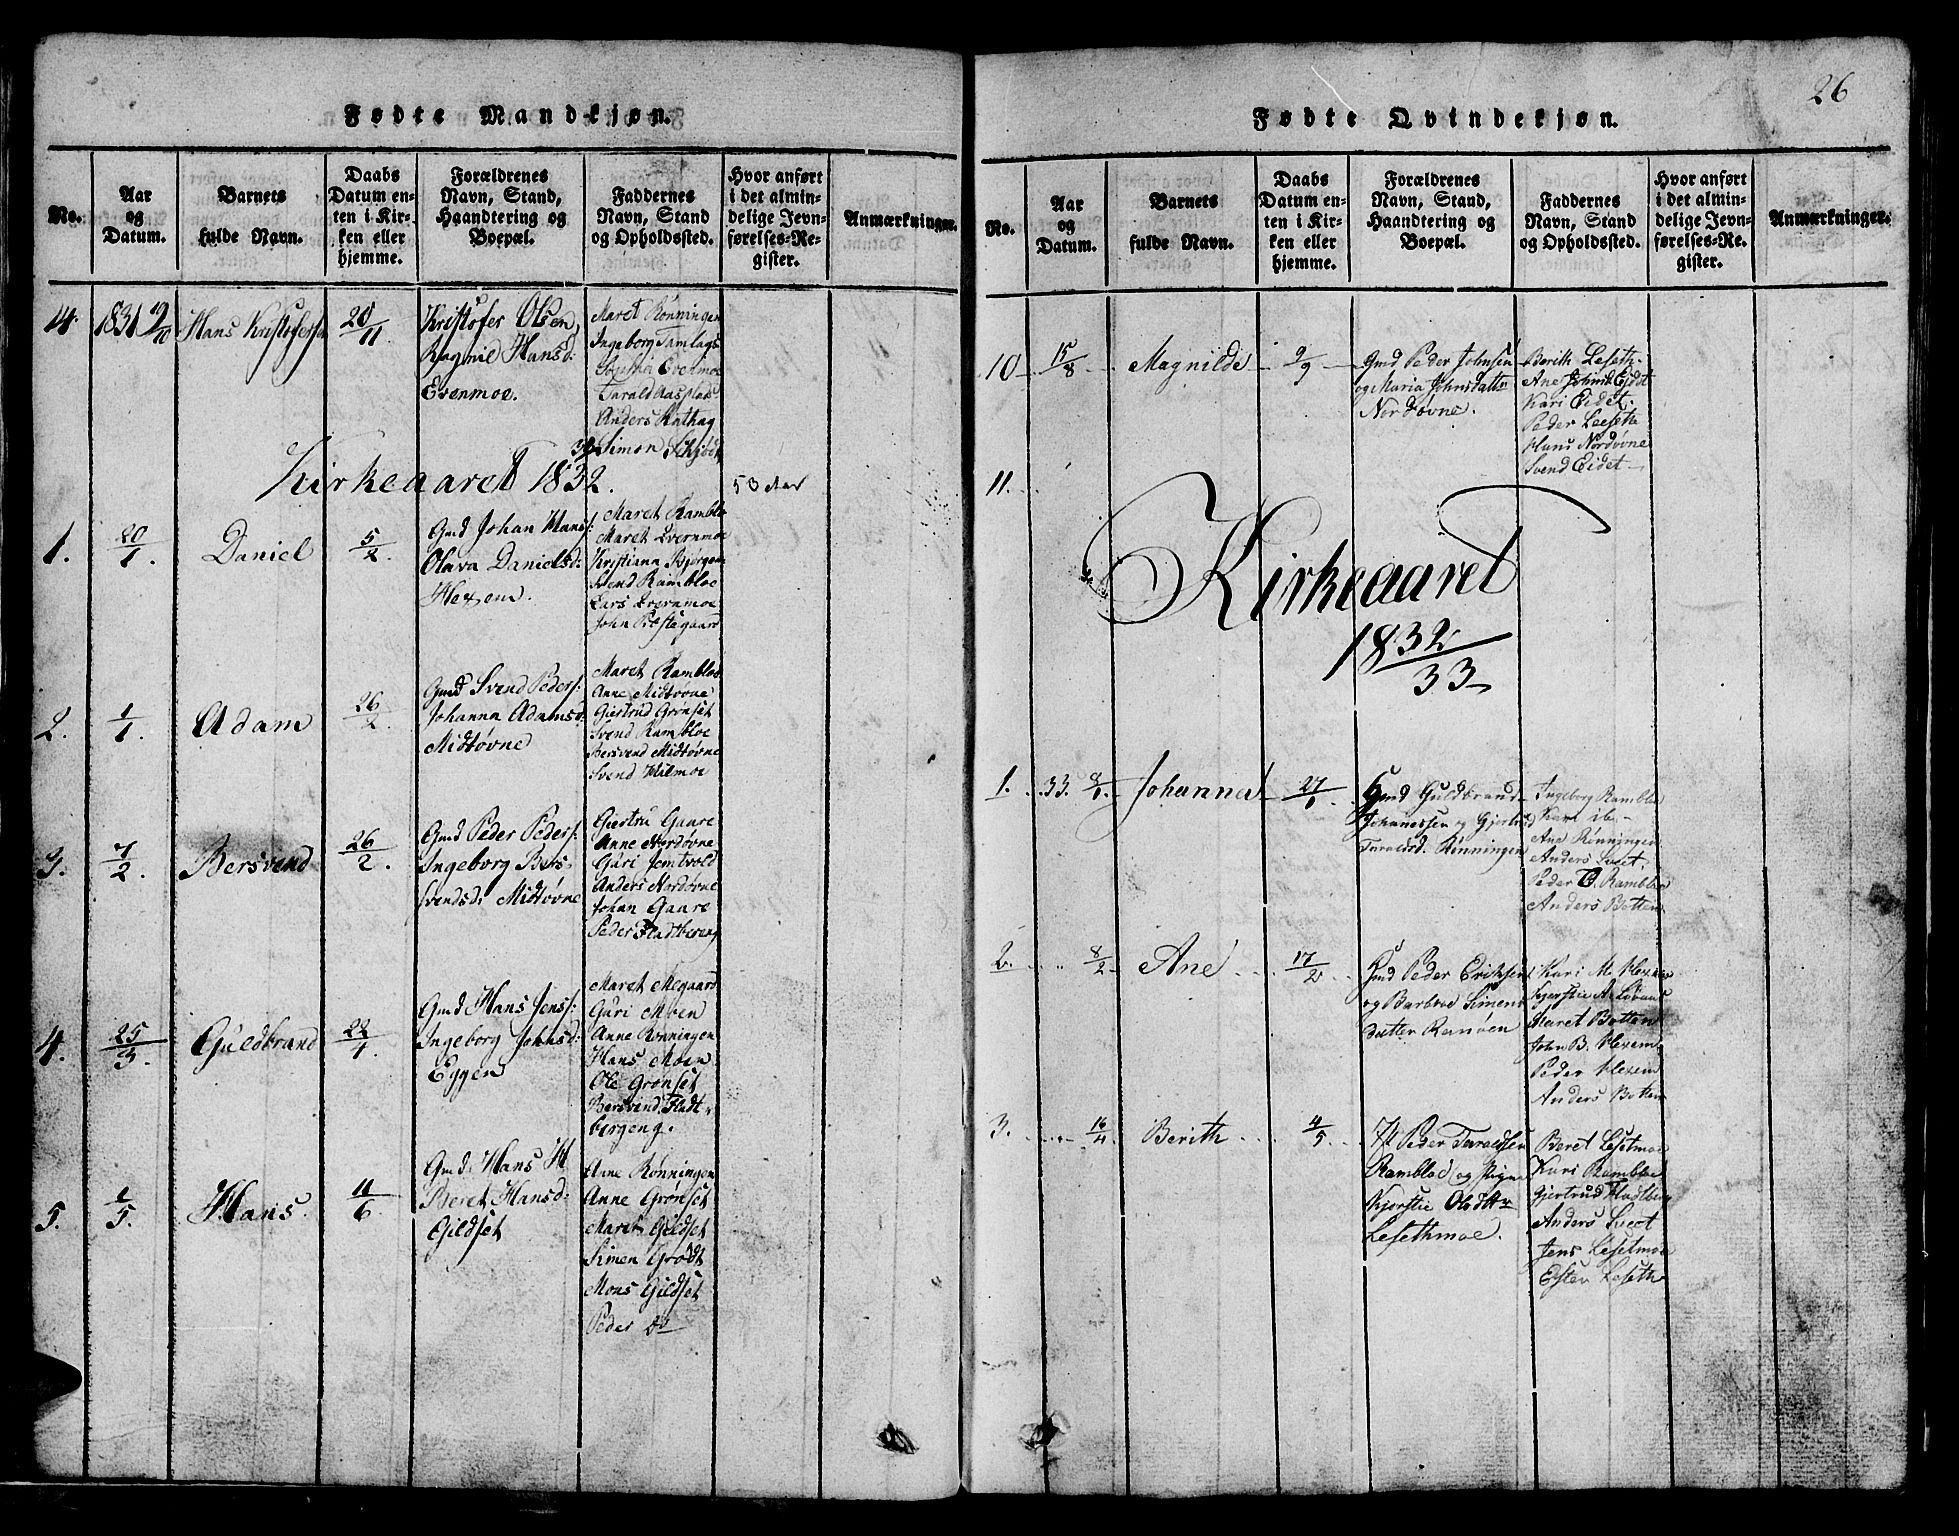 SAT, Ministerialprotokoller, klokkerbøker og fødselsregistre - Sør-Trøndelag, 685/L0976: Klokkerbok nr. 685C01, 1817-1878, s. 26